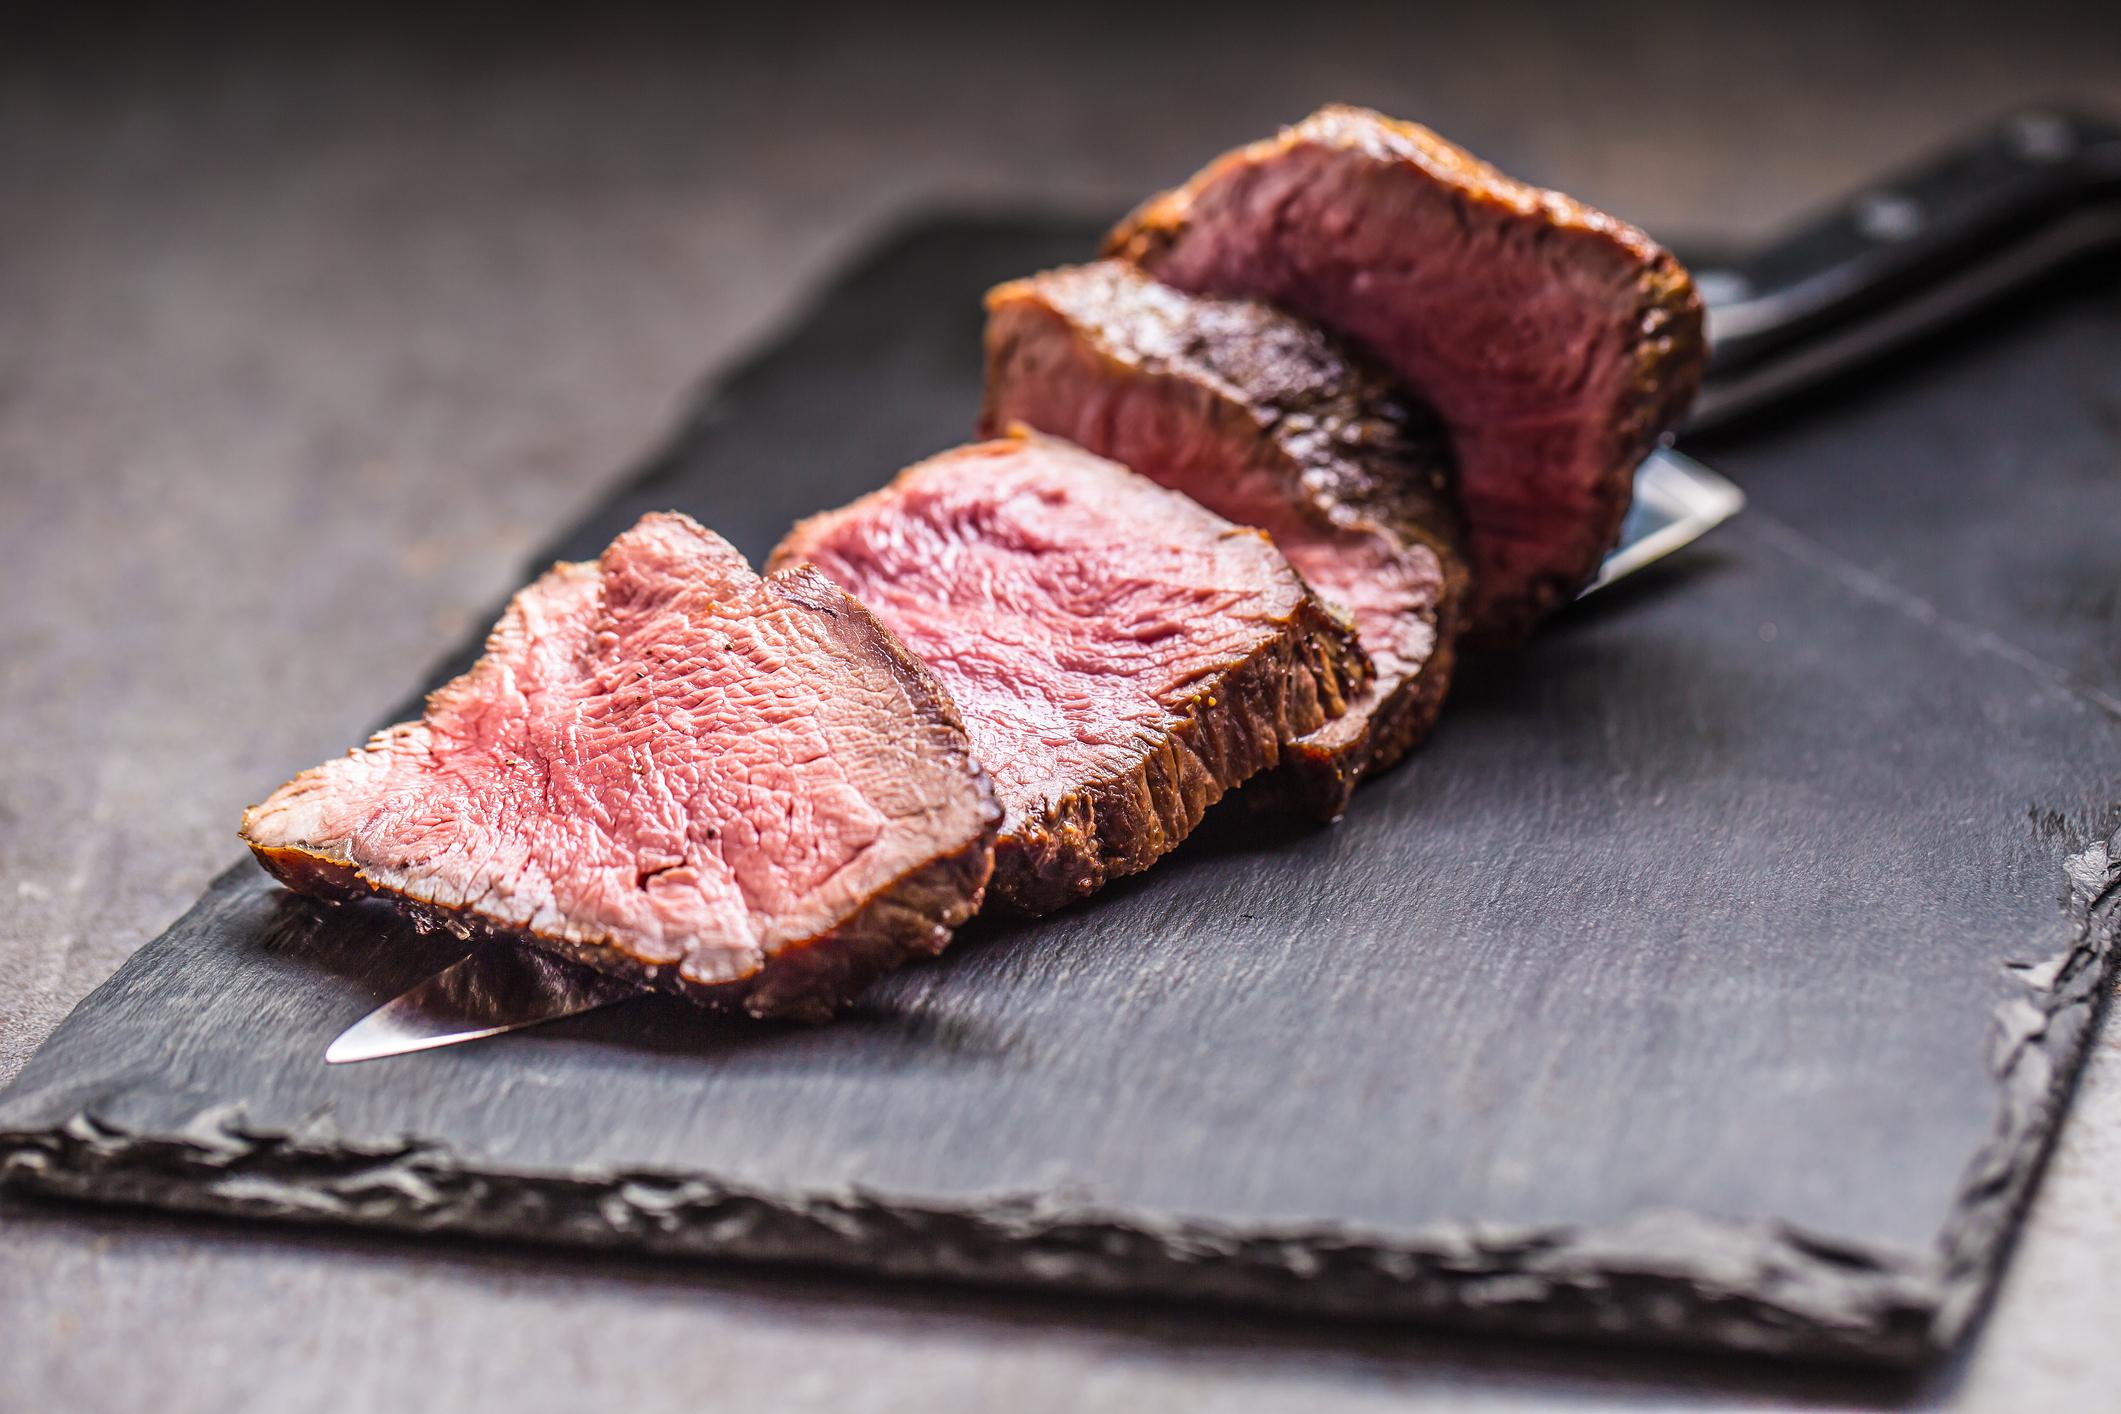 Bone In Rib Eye row Steak and knife